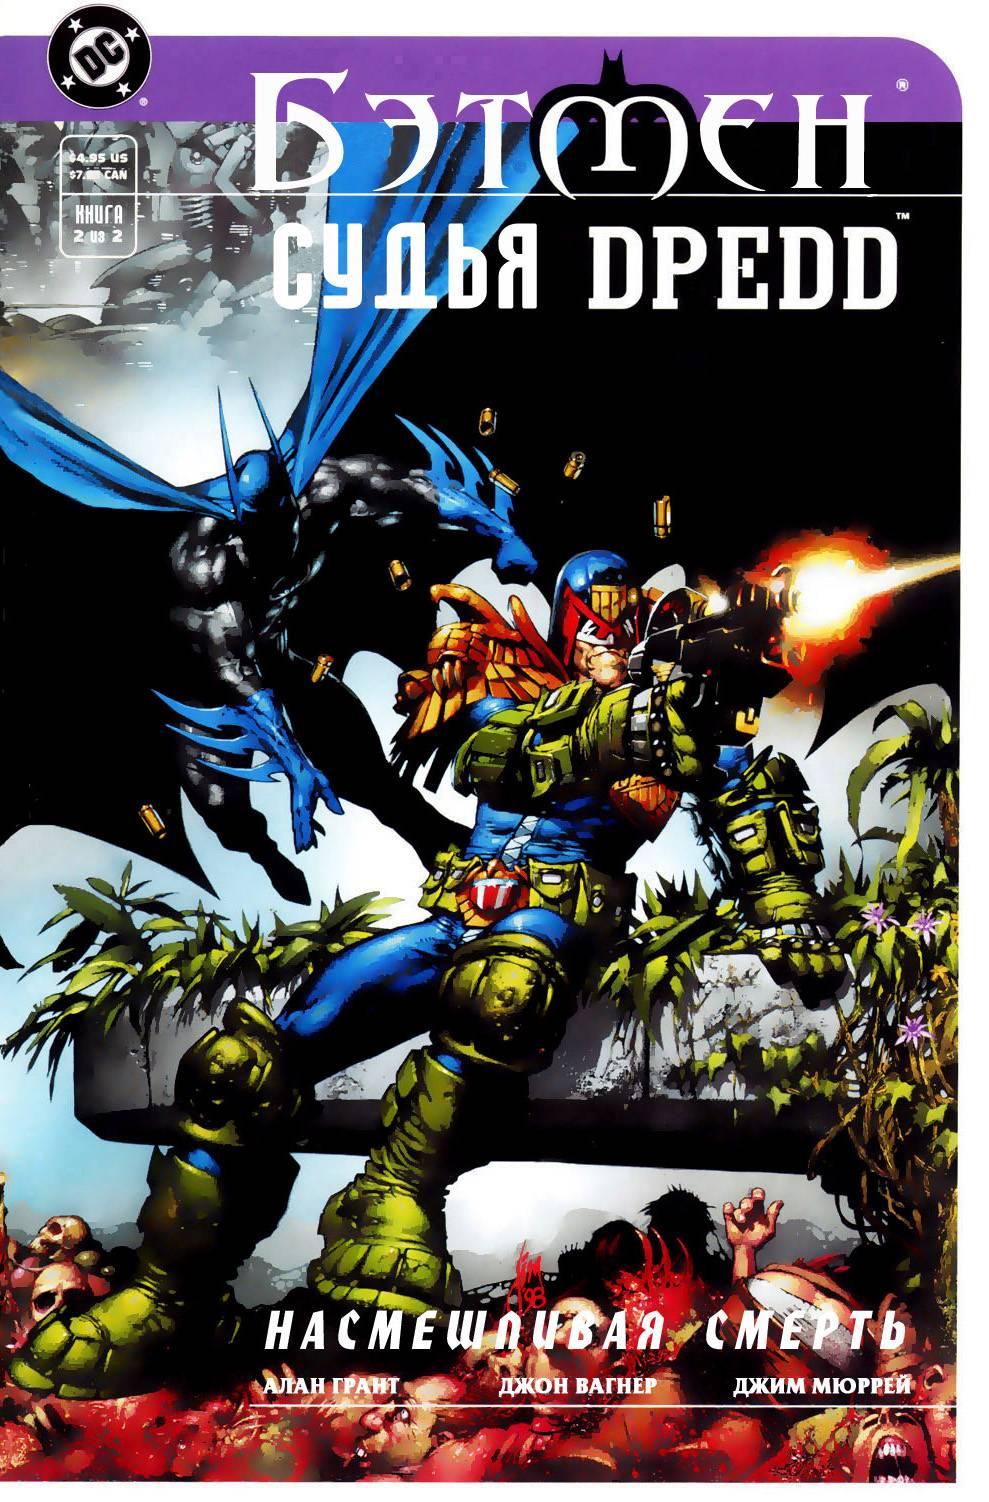 Бэтмен/Судья Дредд. Насмешливая Смерть №2 онлайн